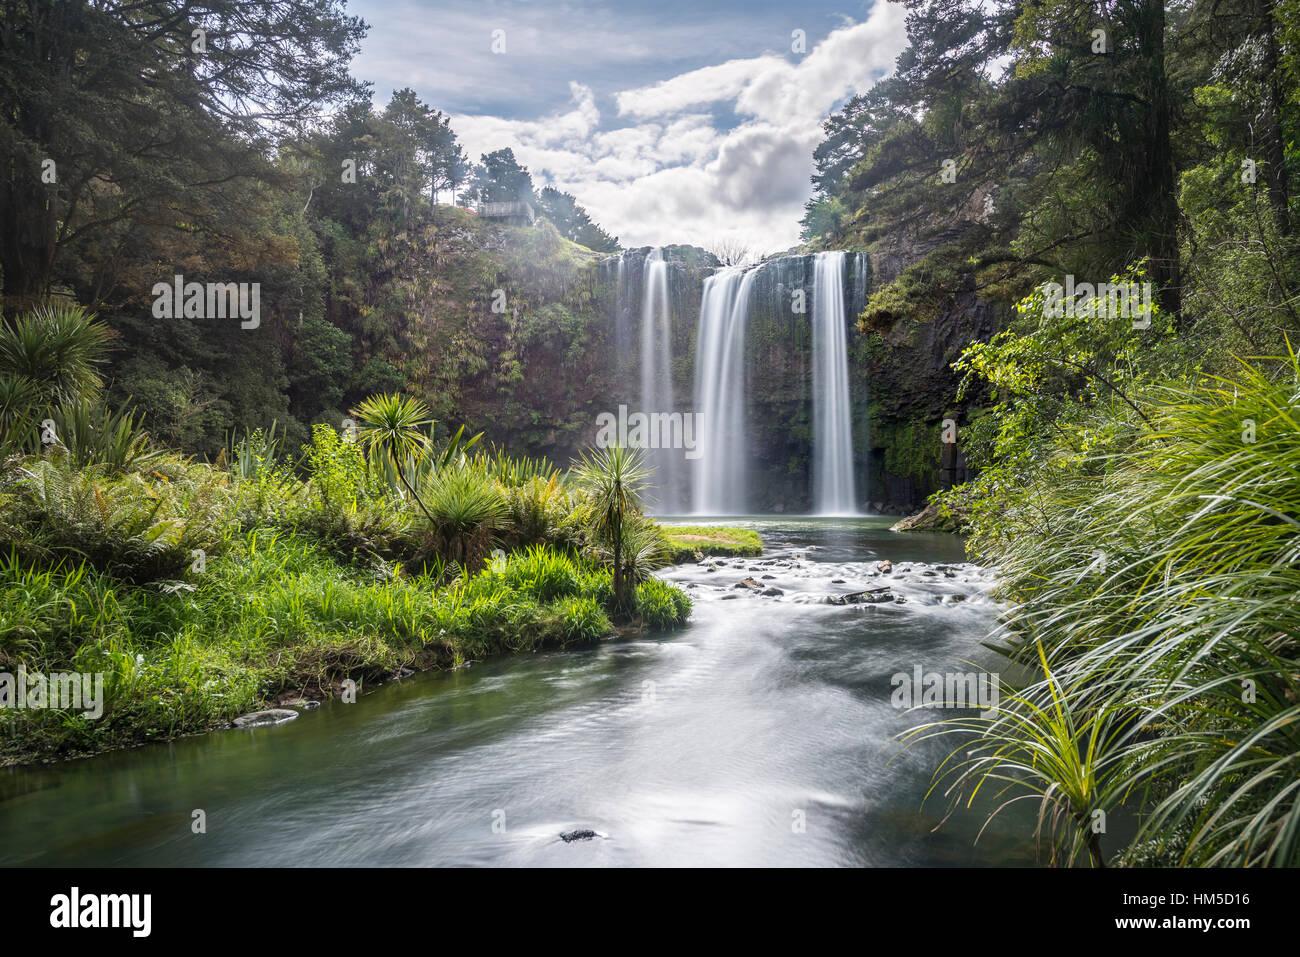 Whangarei cascata, foreste pluviali temperate, Whangarei, Northland e North Island, Nuova Zelanda Immagini Stock